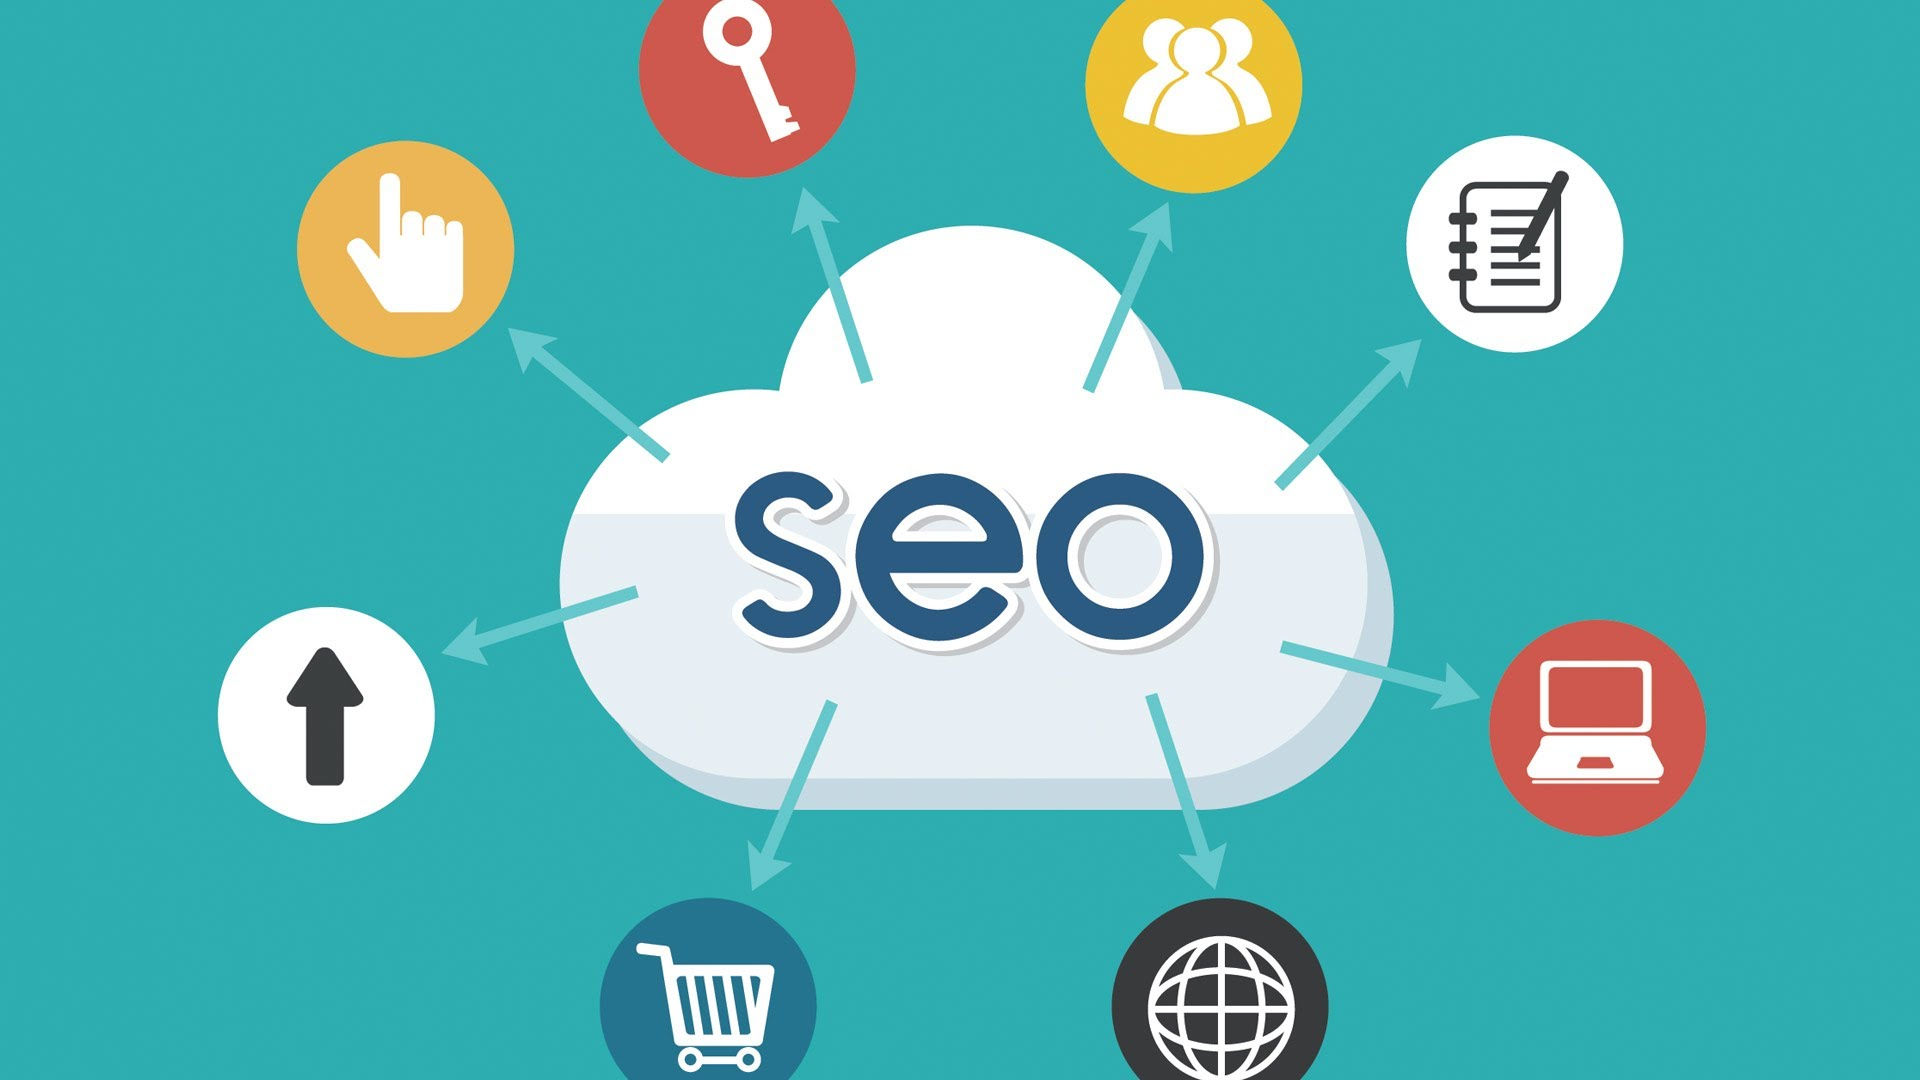 Các bước giúp bạn SEO hiệu quả cho một website - WEBICO BLOG